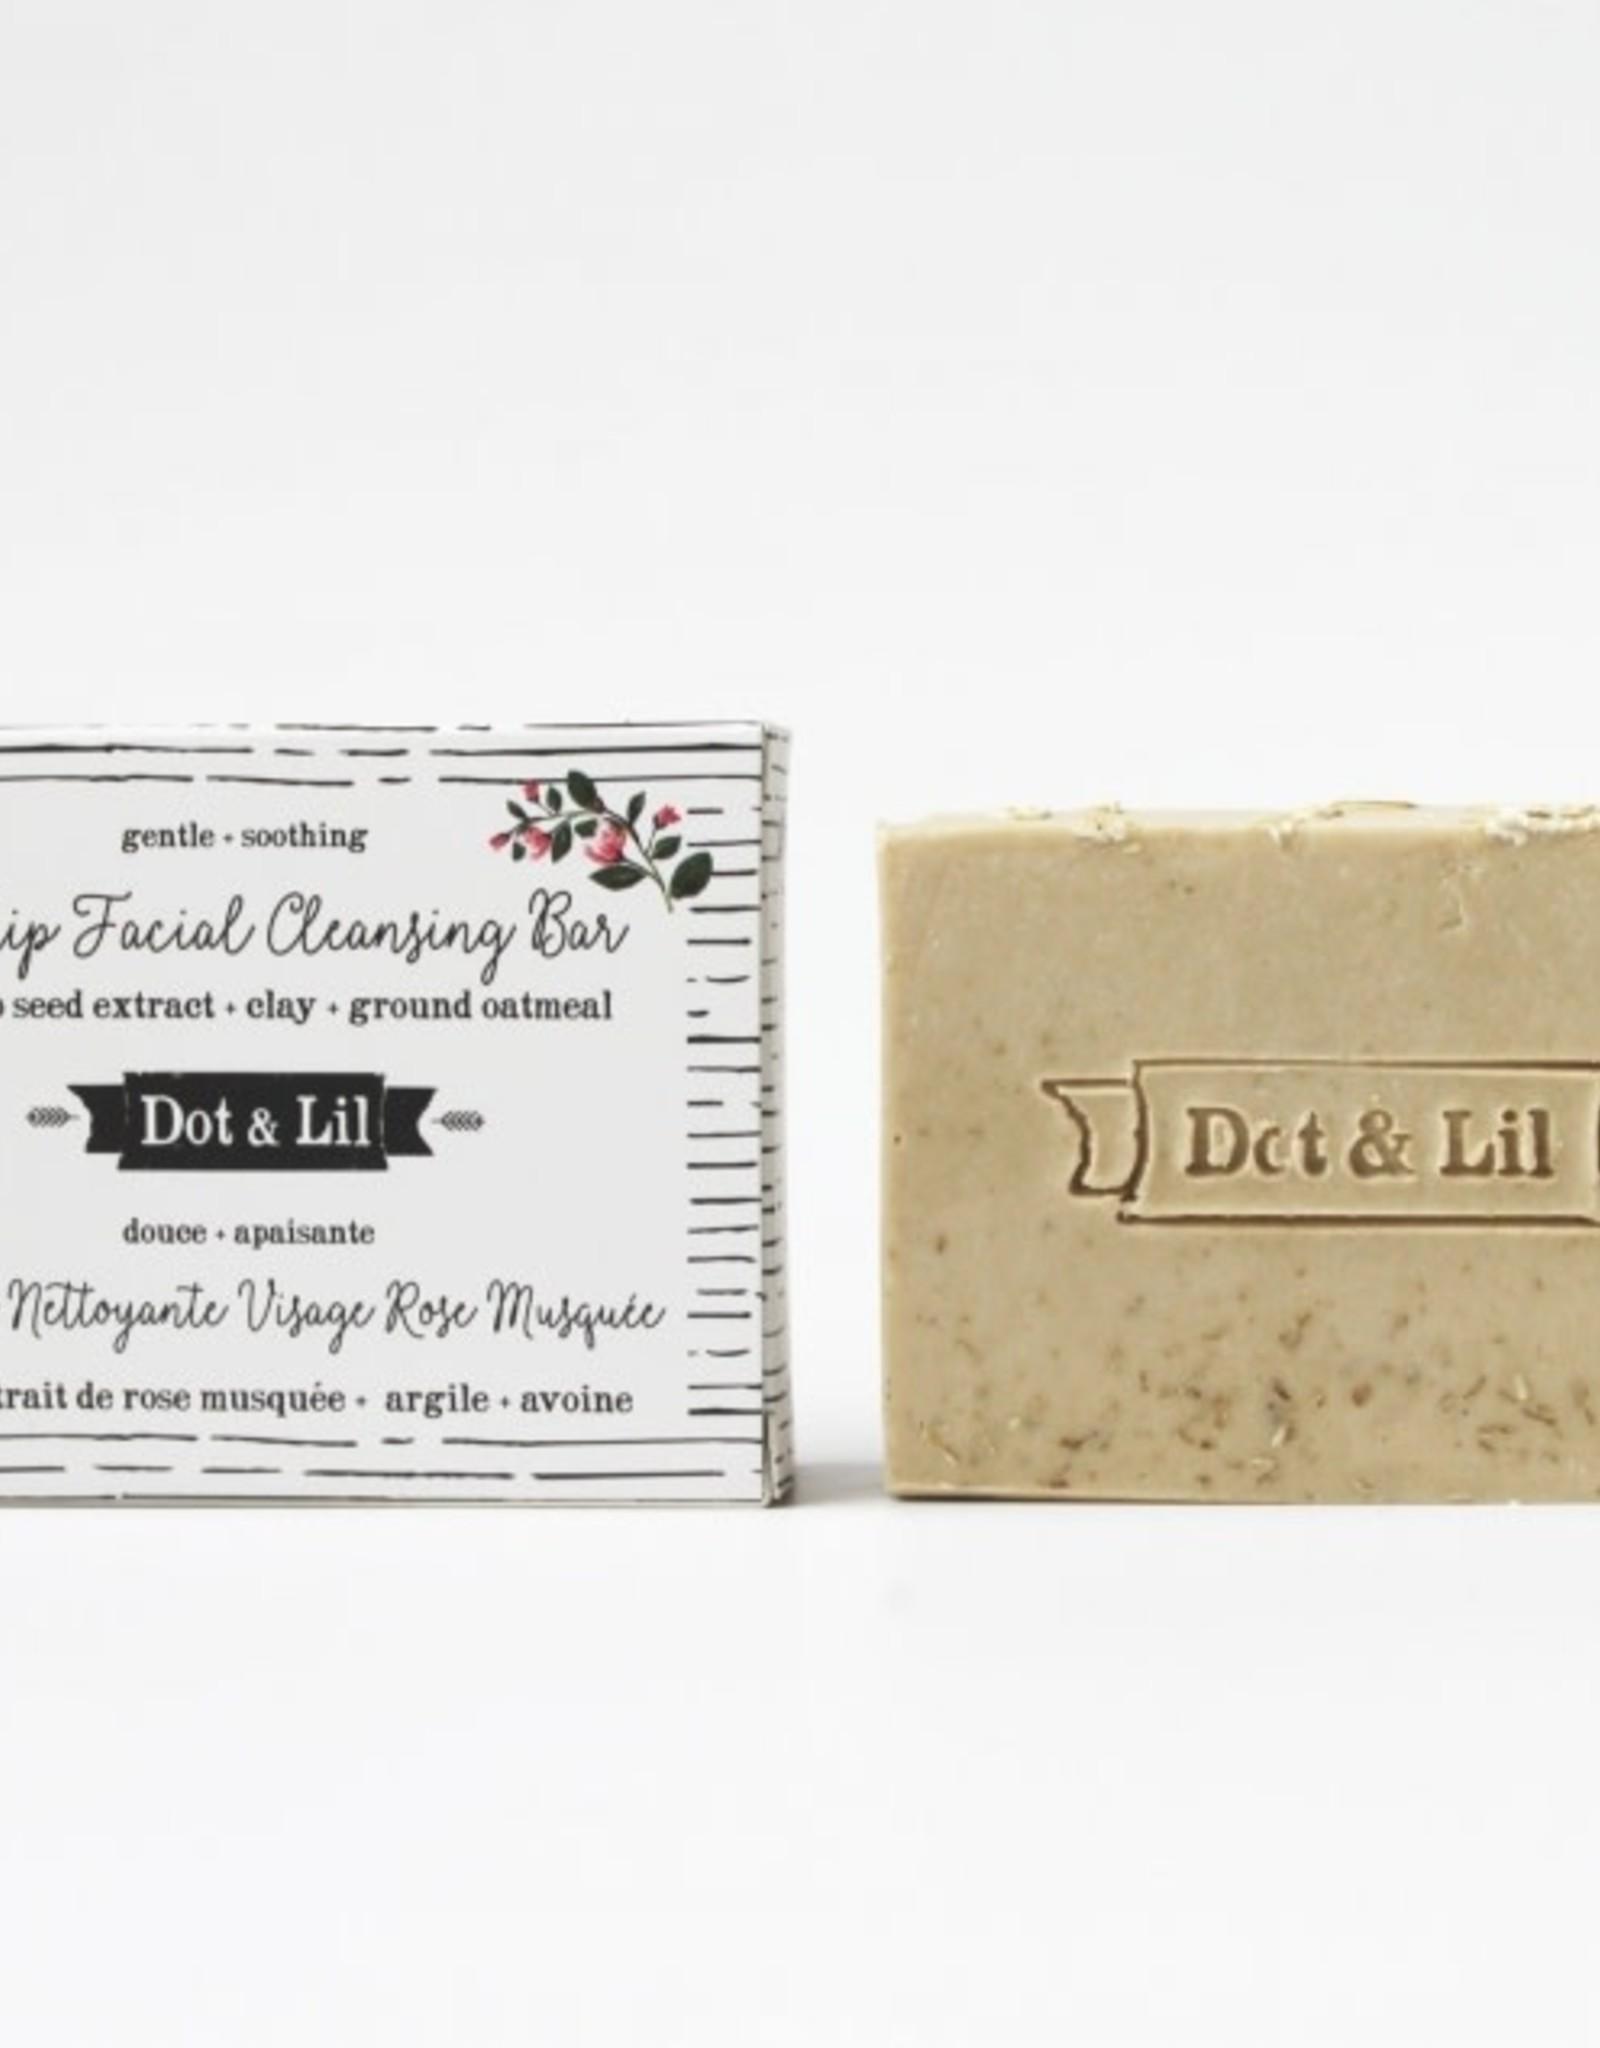 Dot & lil Barre nettoyante visage - Rose musquée